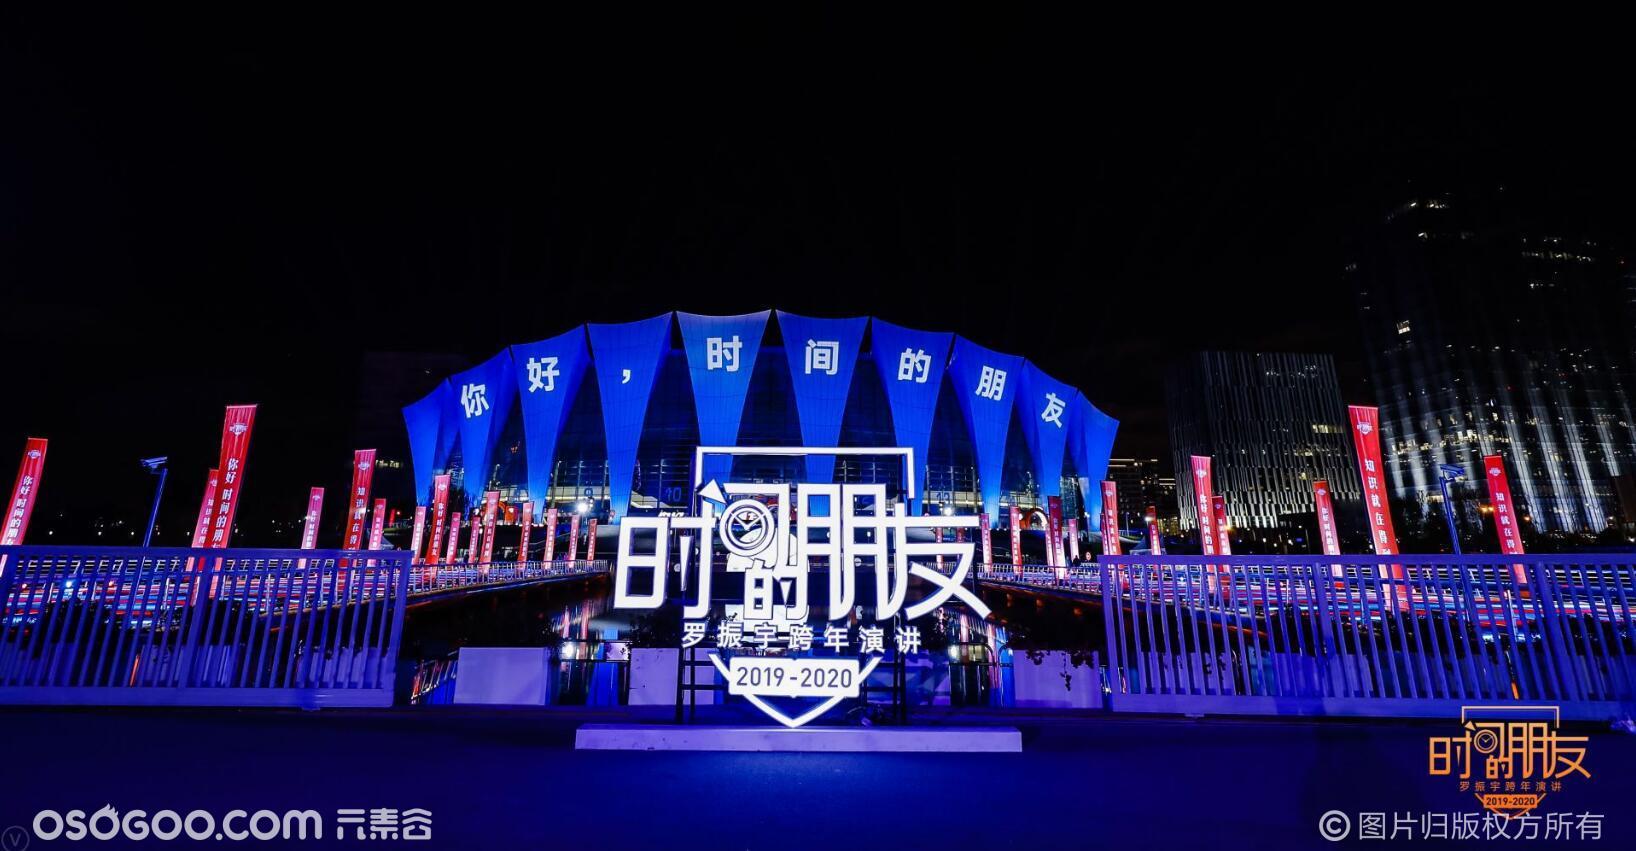 罗振宇2019-2020时间的朋友跨年演讲